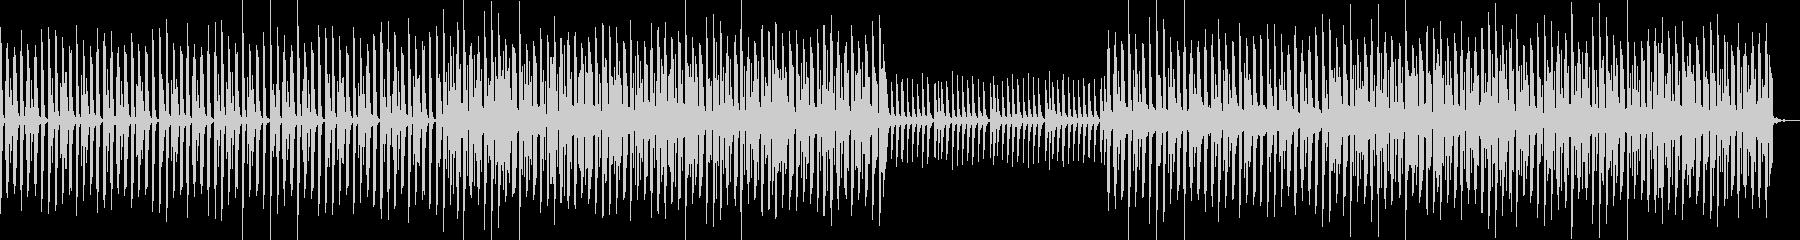 YouTube・エンディング・EDMの未再生の波形